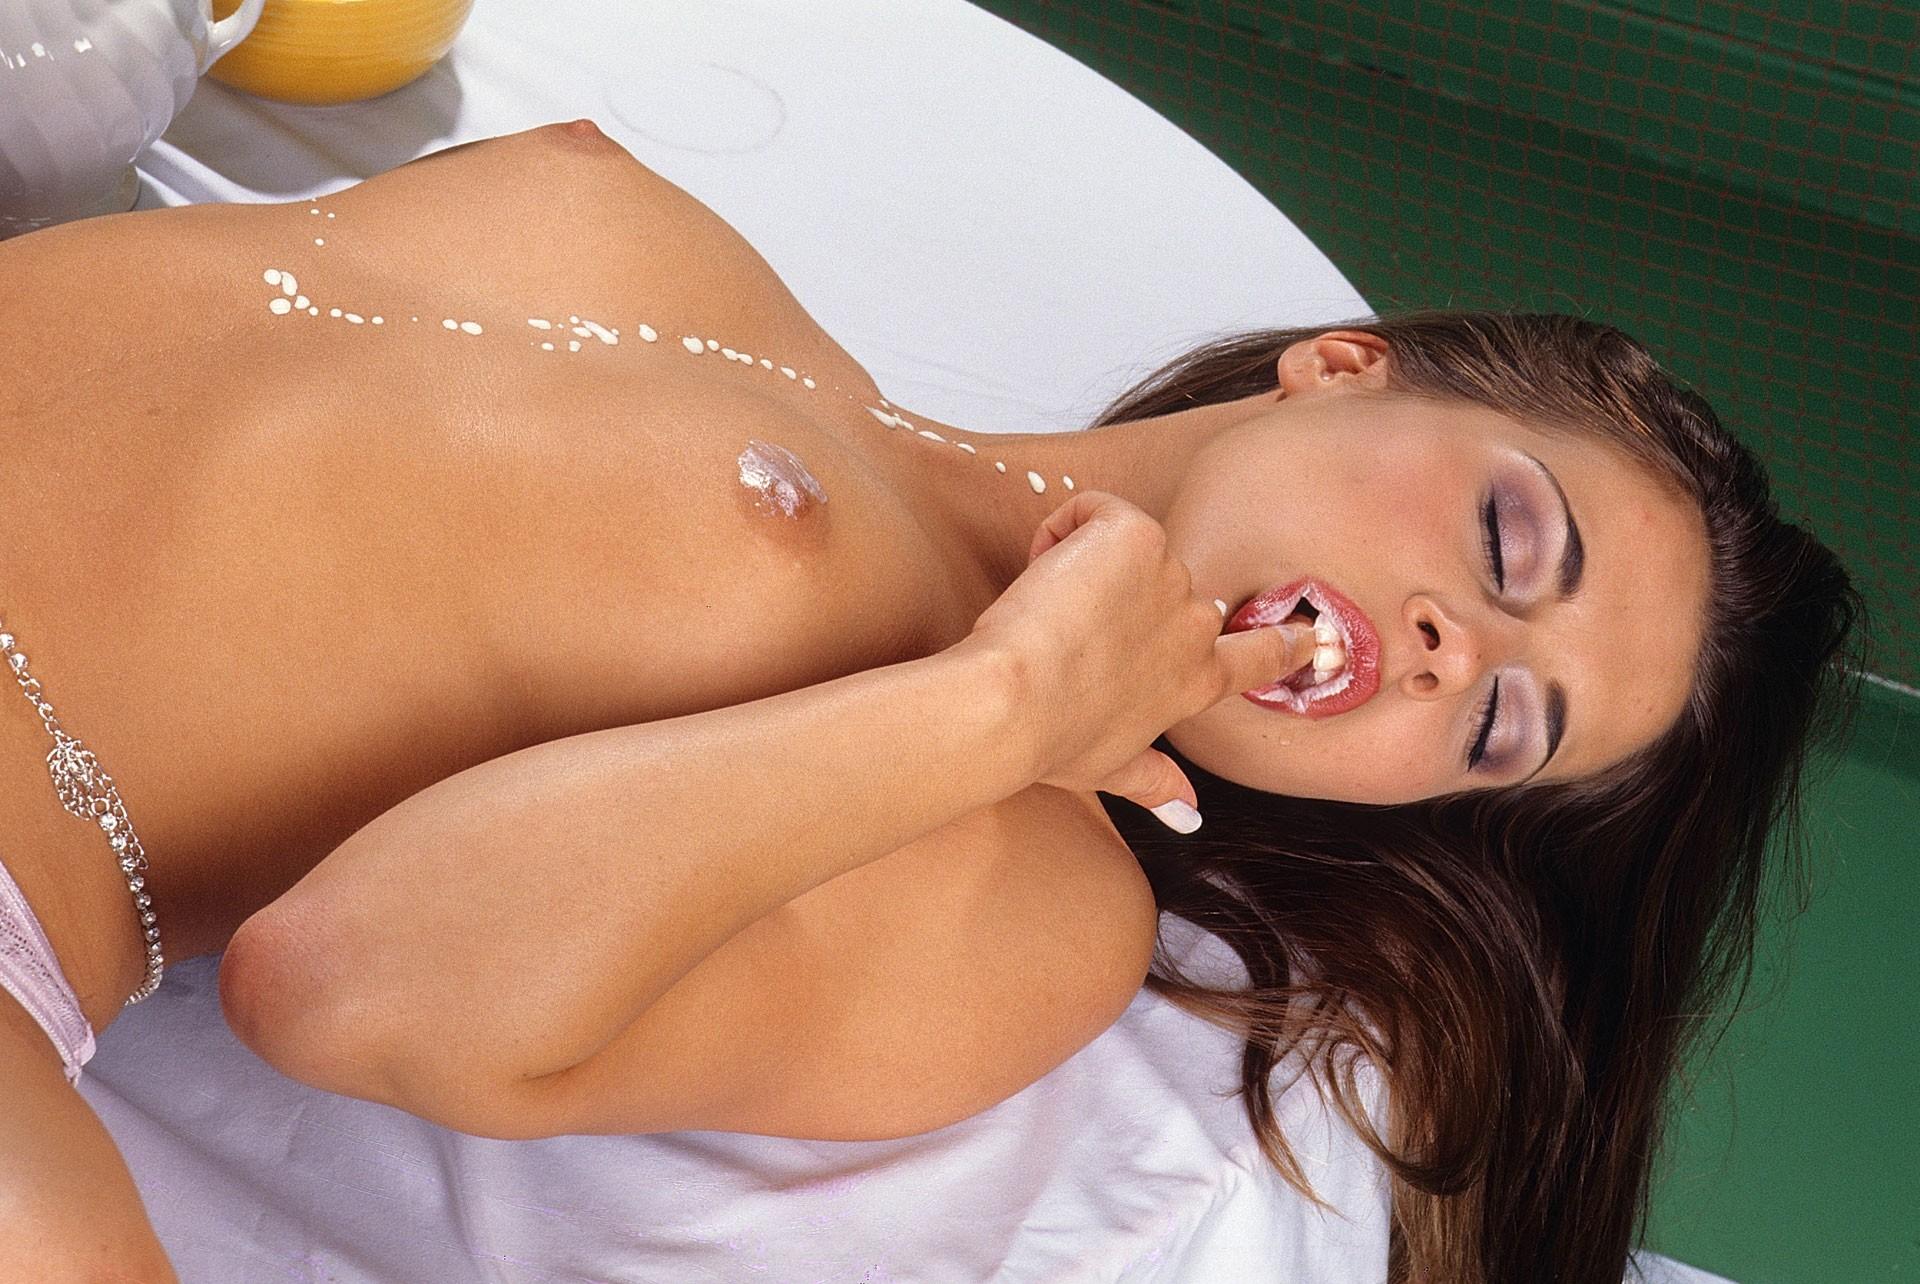 fetischclub türkin sexy